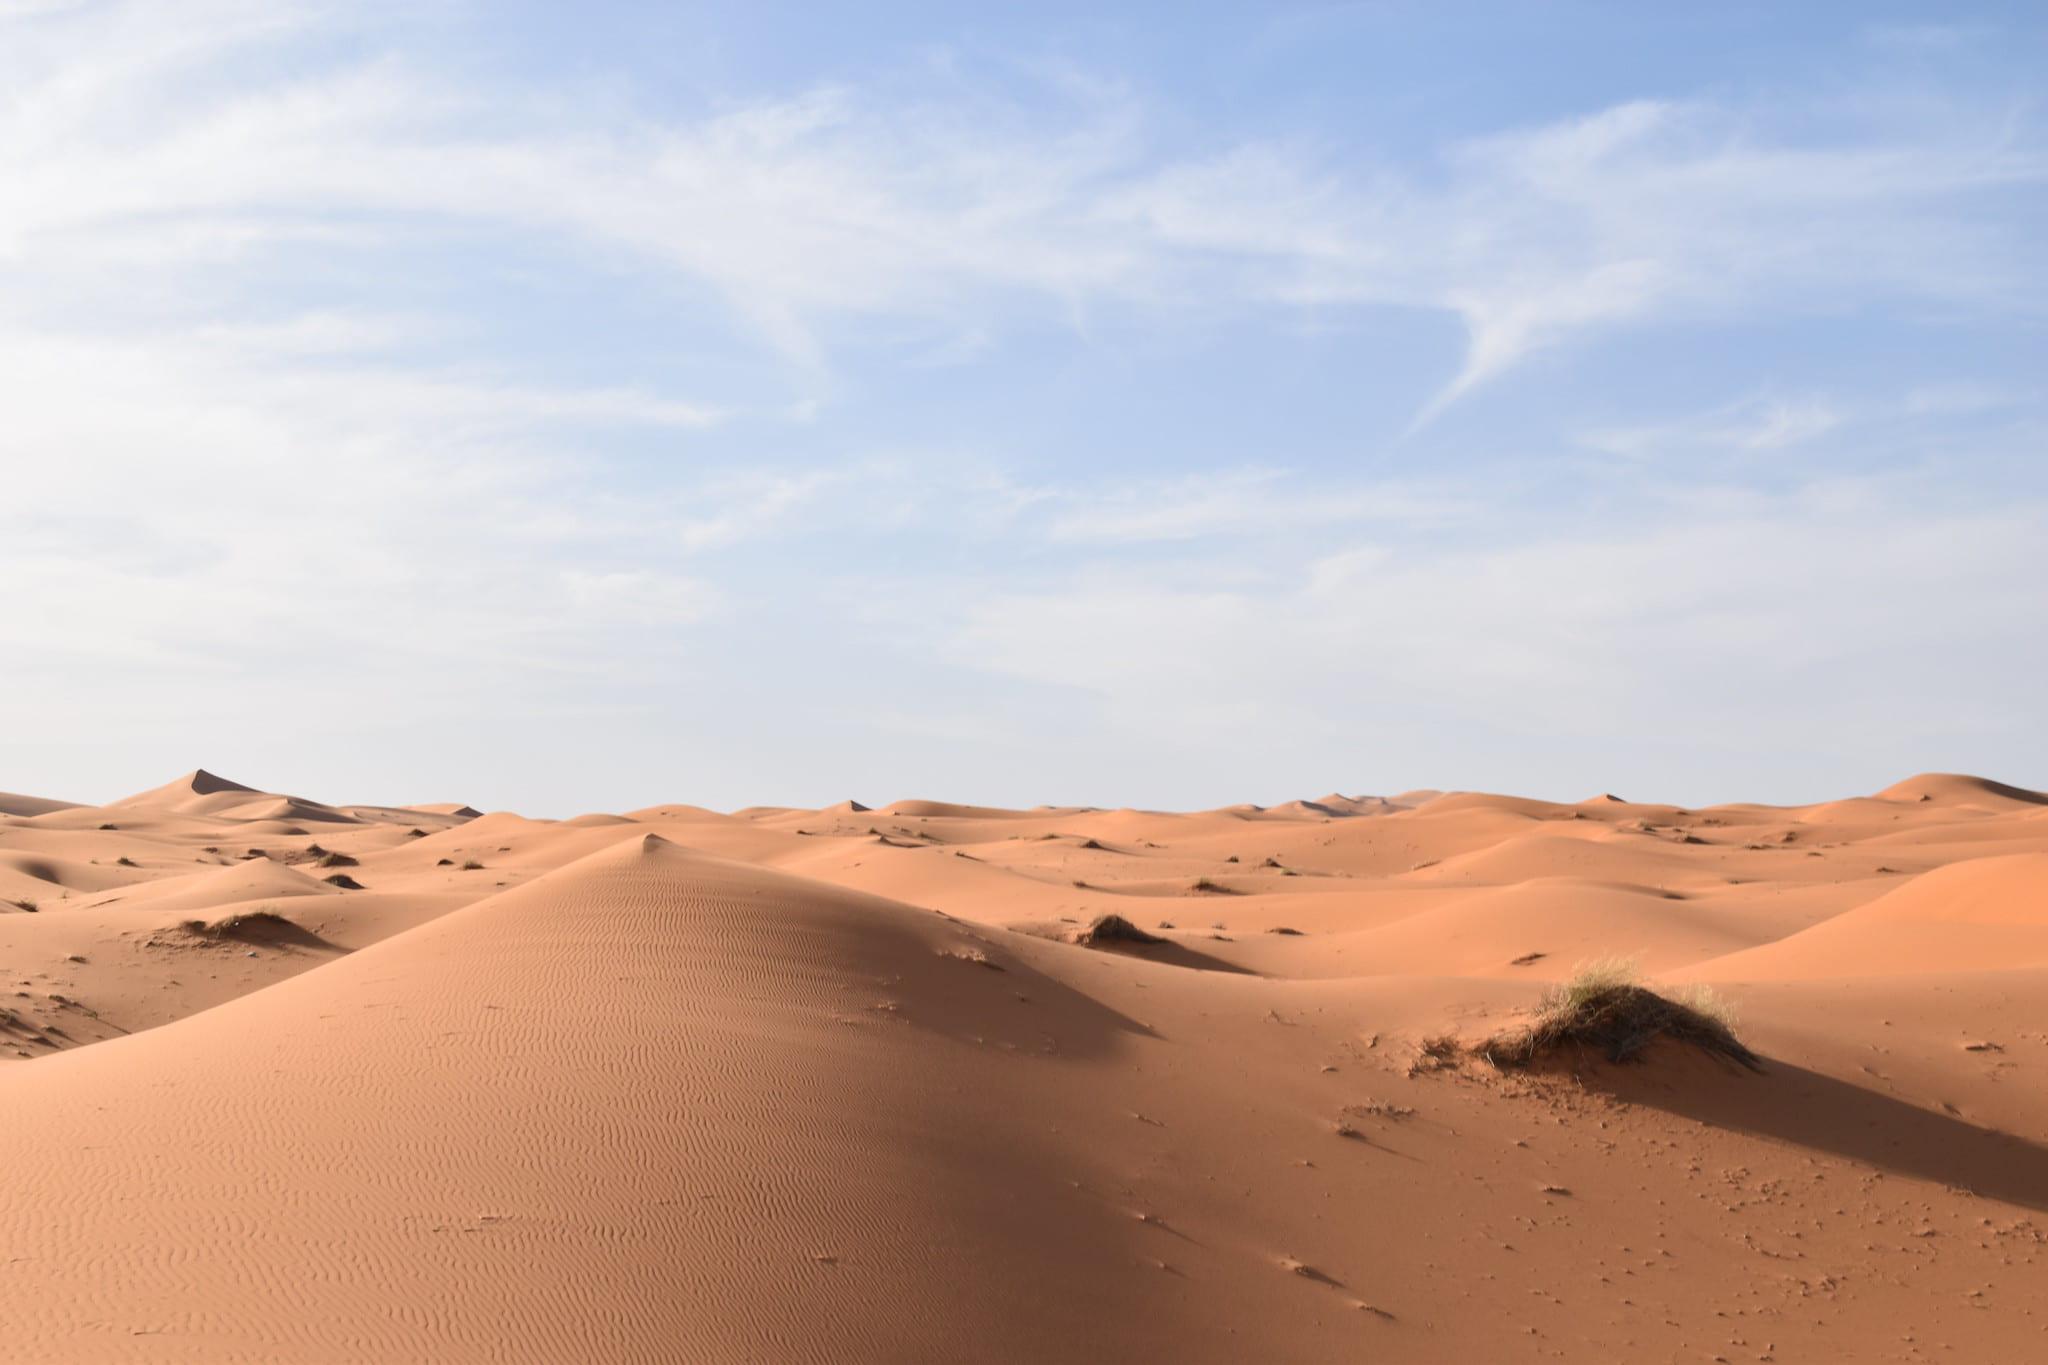 メルズーガ砂漠